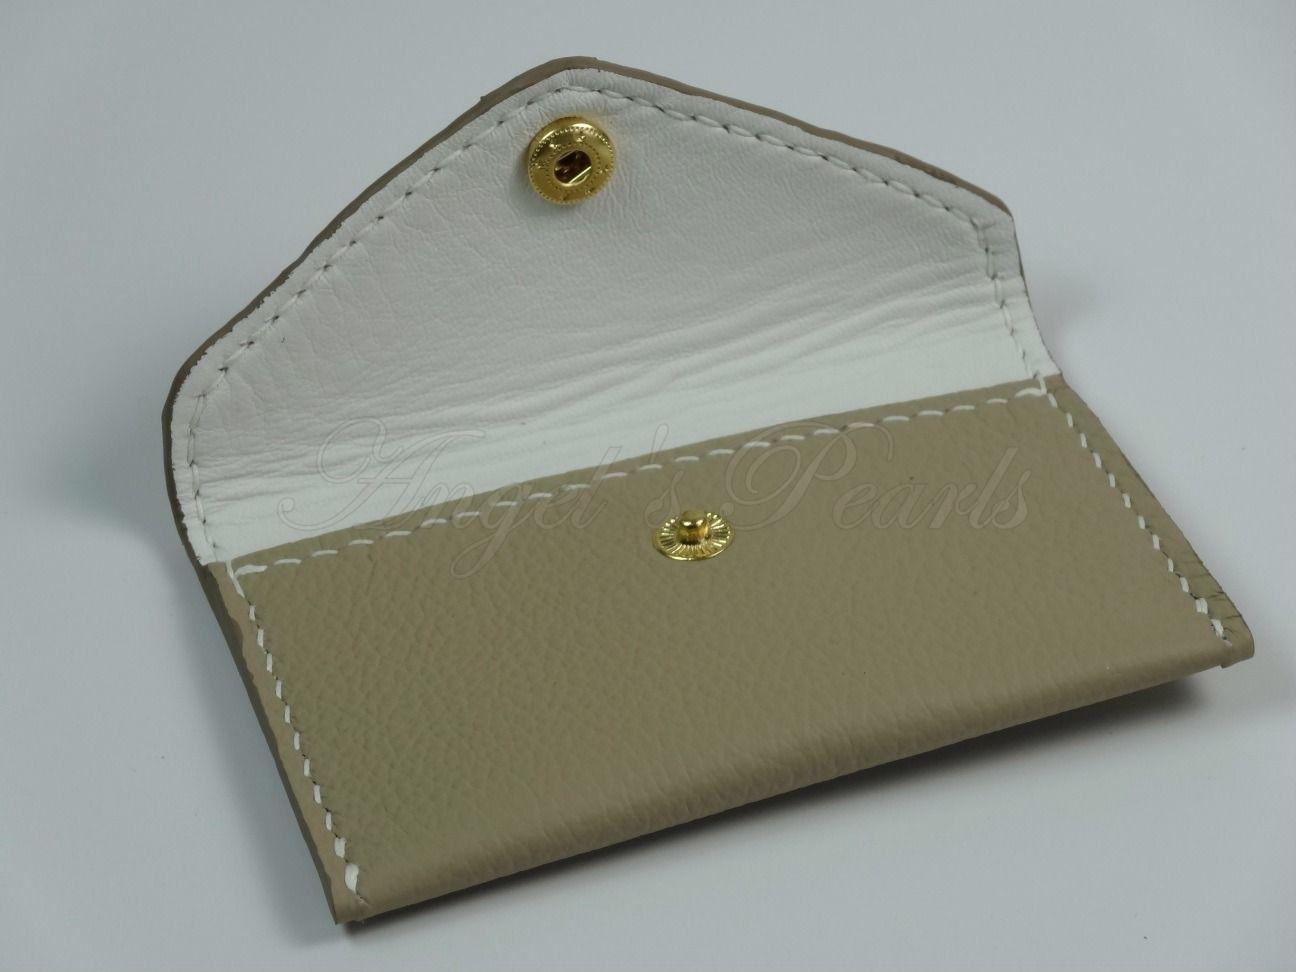 Porte Cartes En Cuir De Forme Enveloppe Dont Son Rabat Se Ferme Avec Un Bouton Visiter